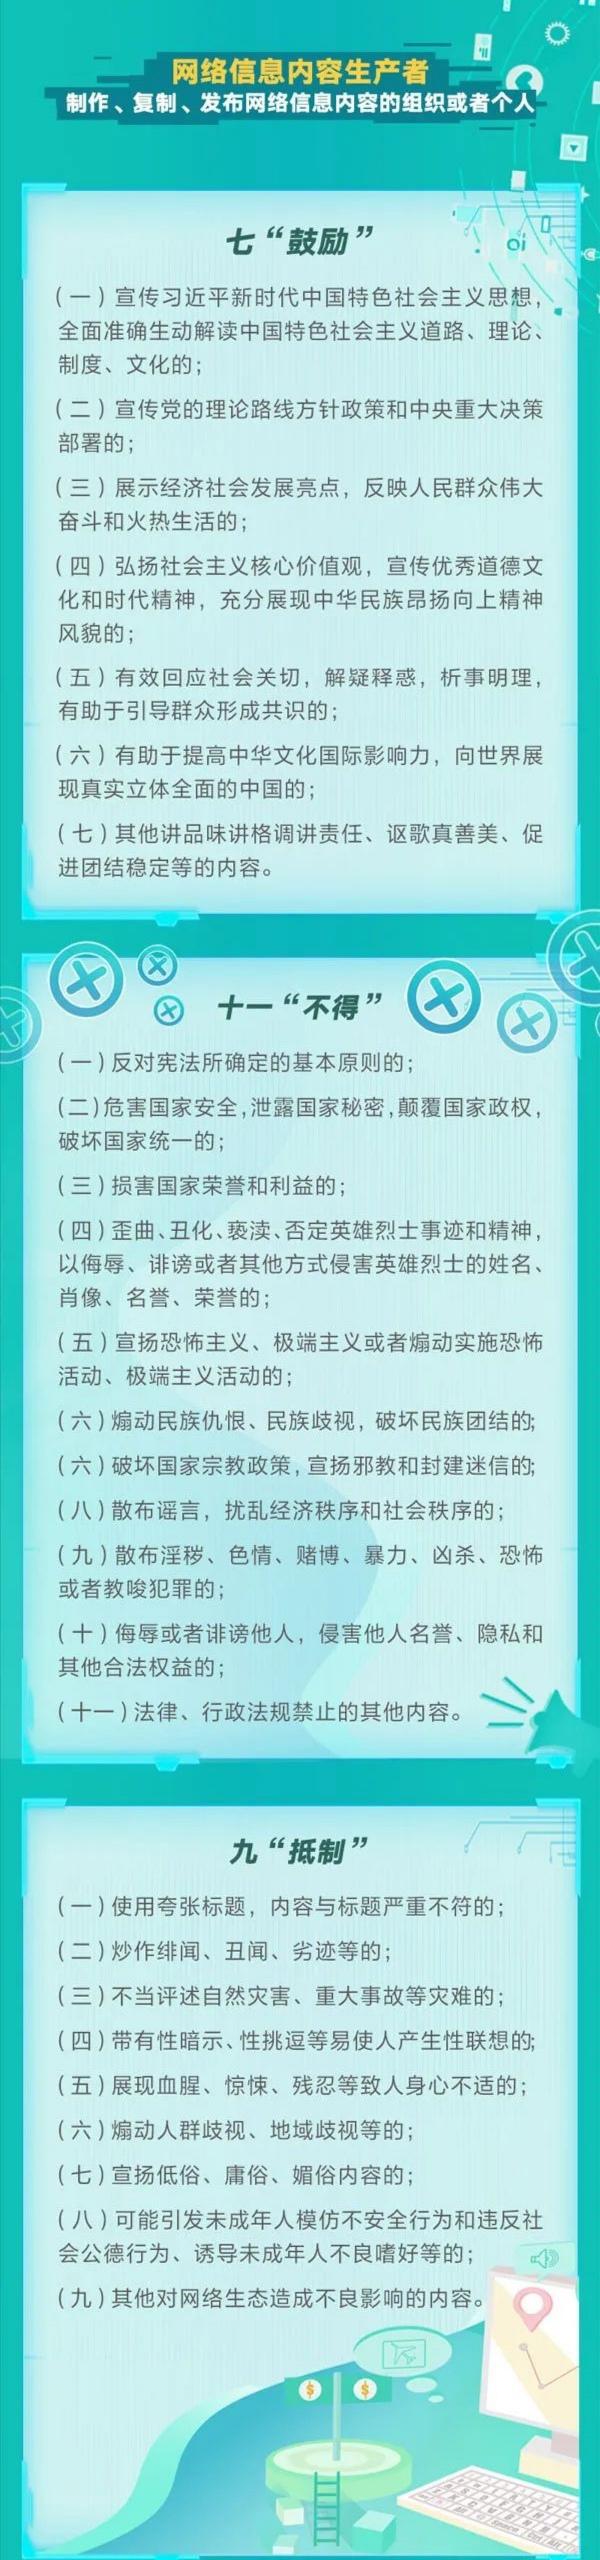 讀懂《網絡信息內容(rong)生態治(zhi)wei)砉gui)定》fen) 唬耗諶rong)生產(chan)者(zhe)篇